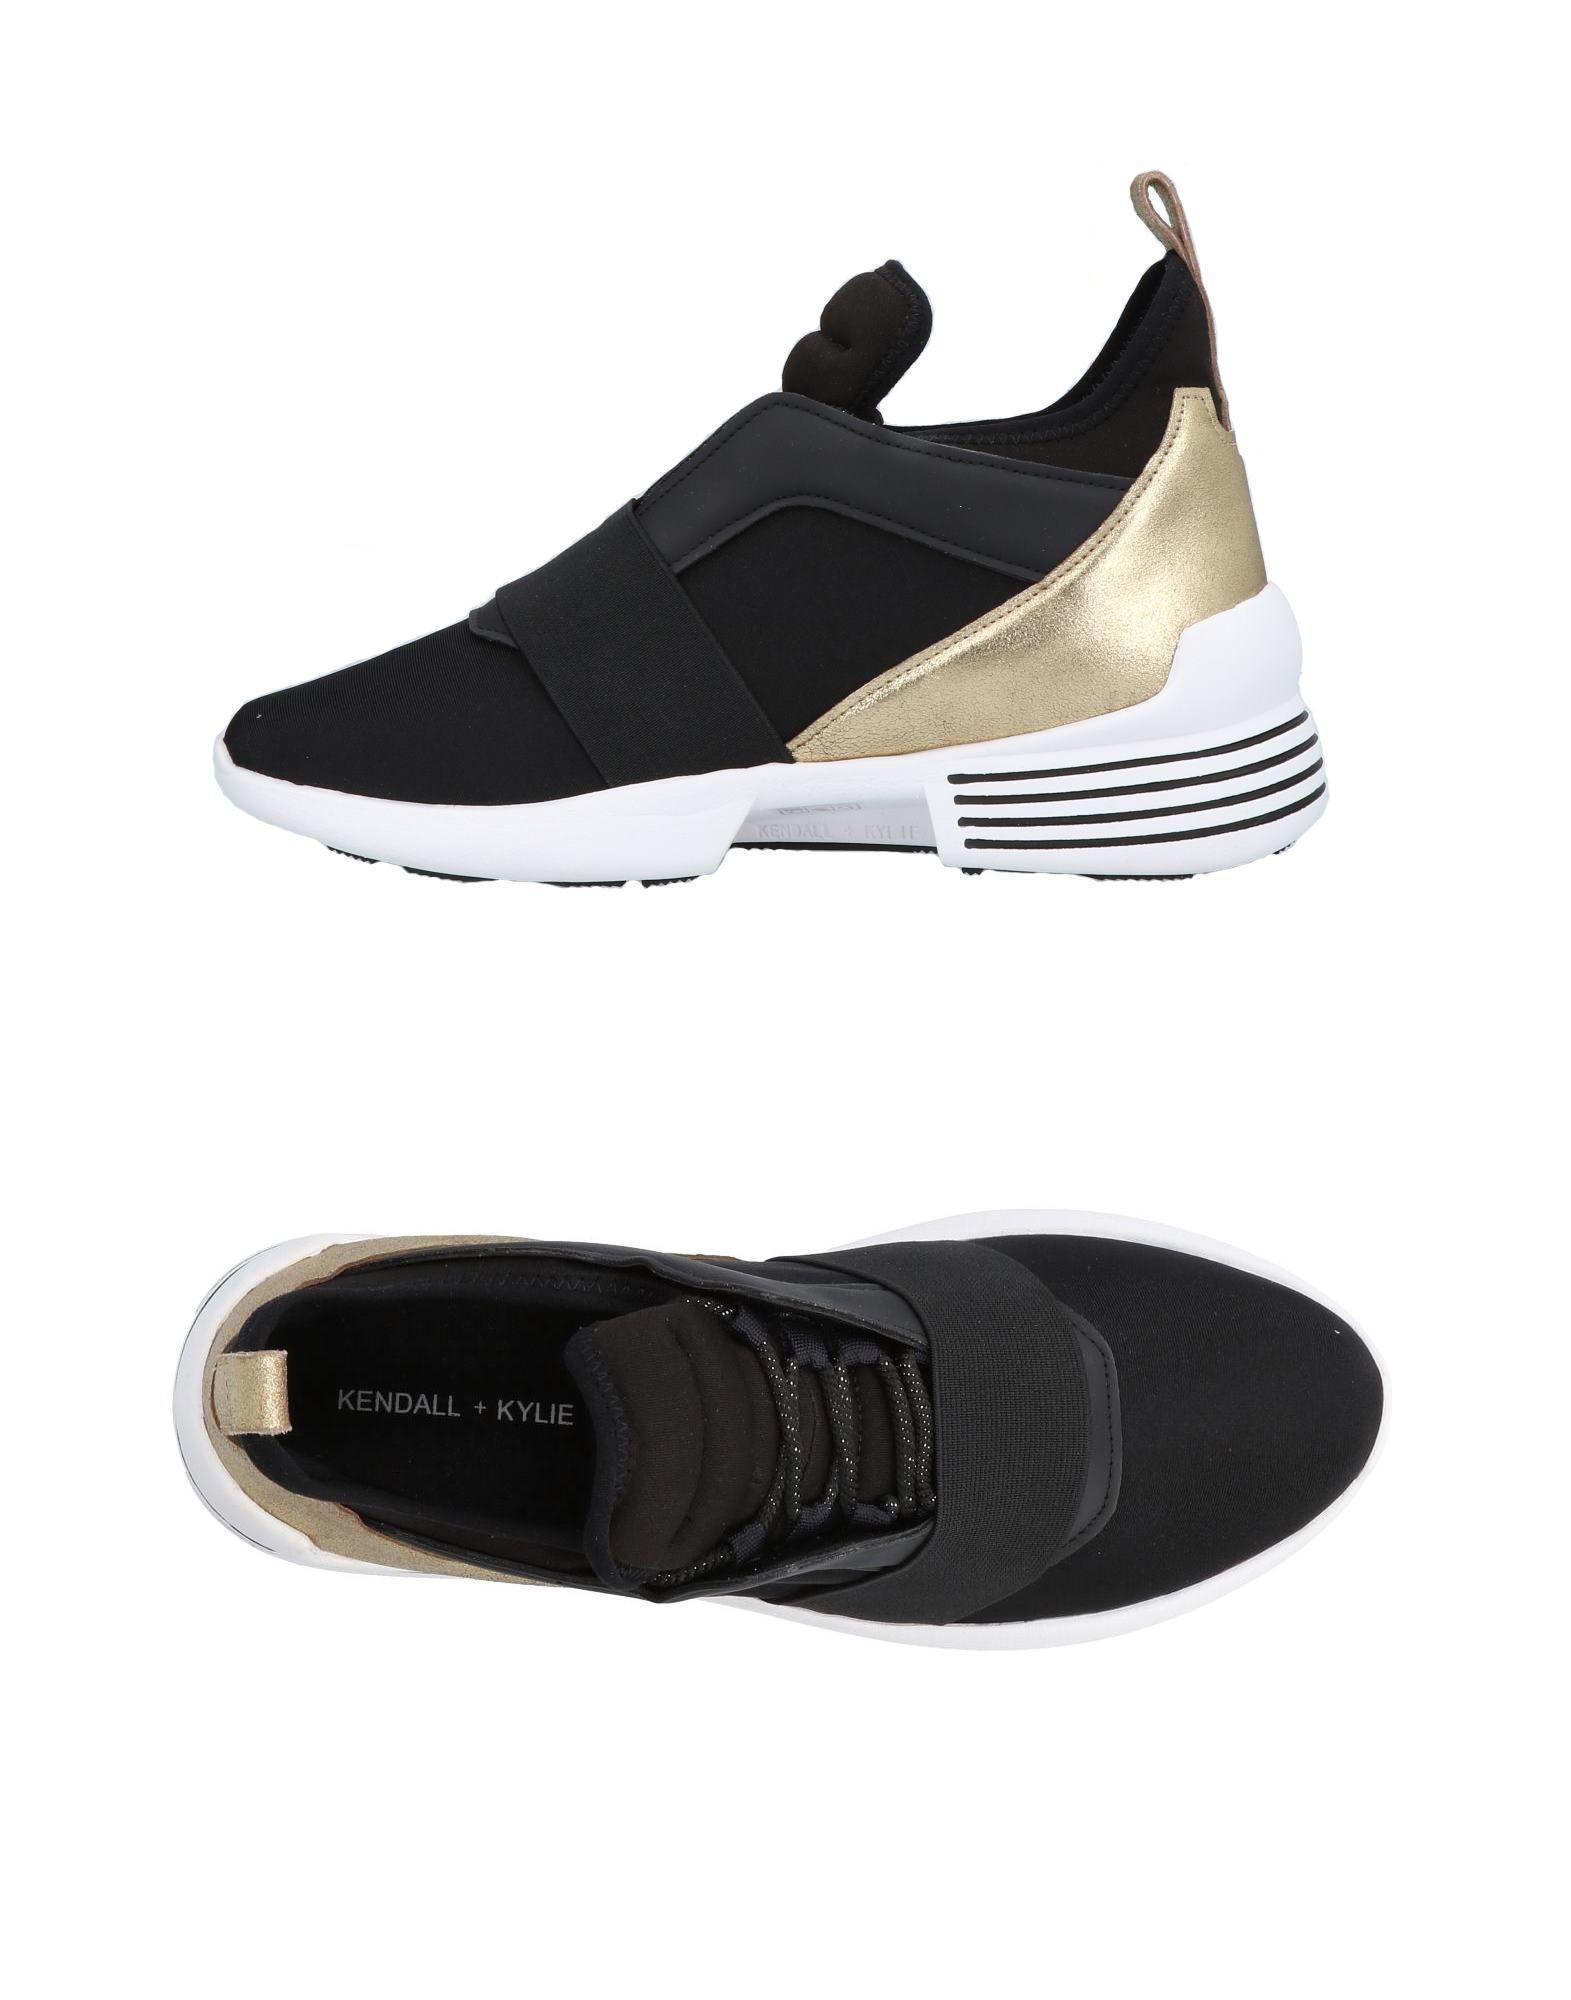 FOOTWEAR - Low-tops & sneakers Kendall + Kylie 5RrFkoH